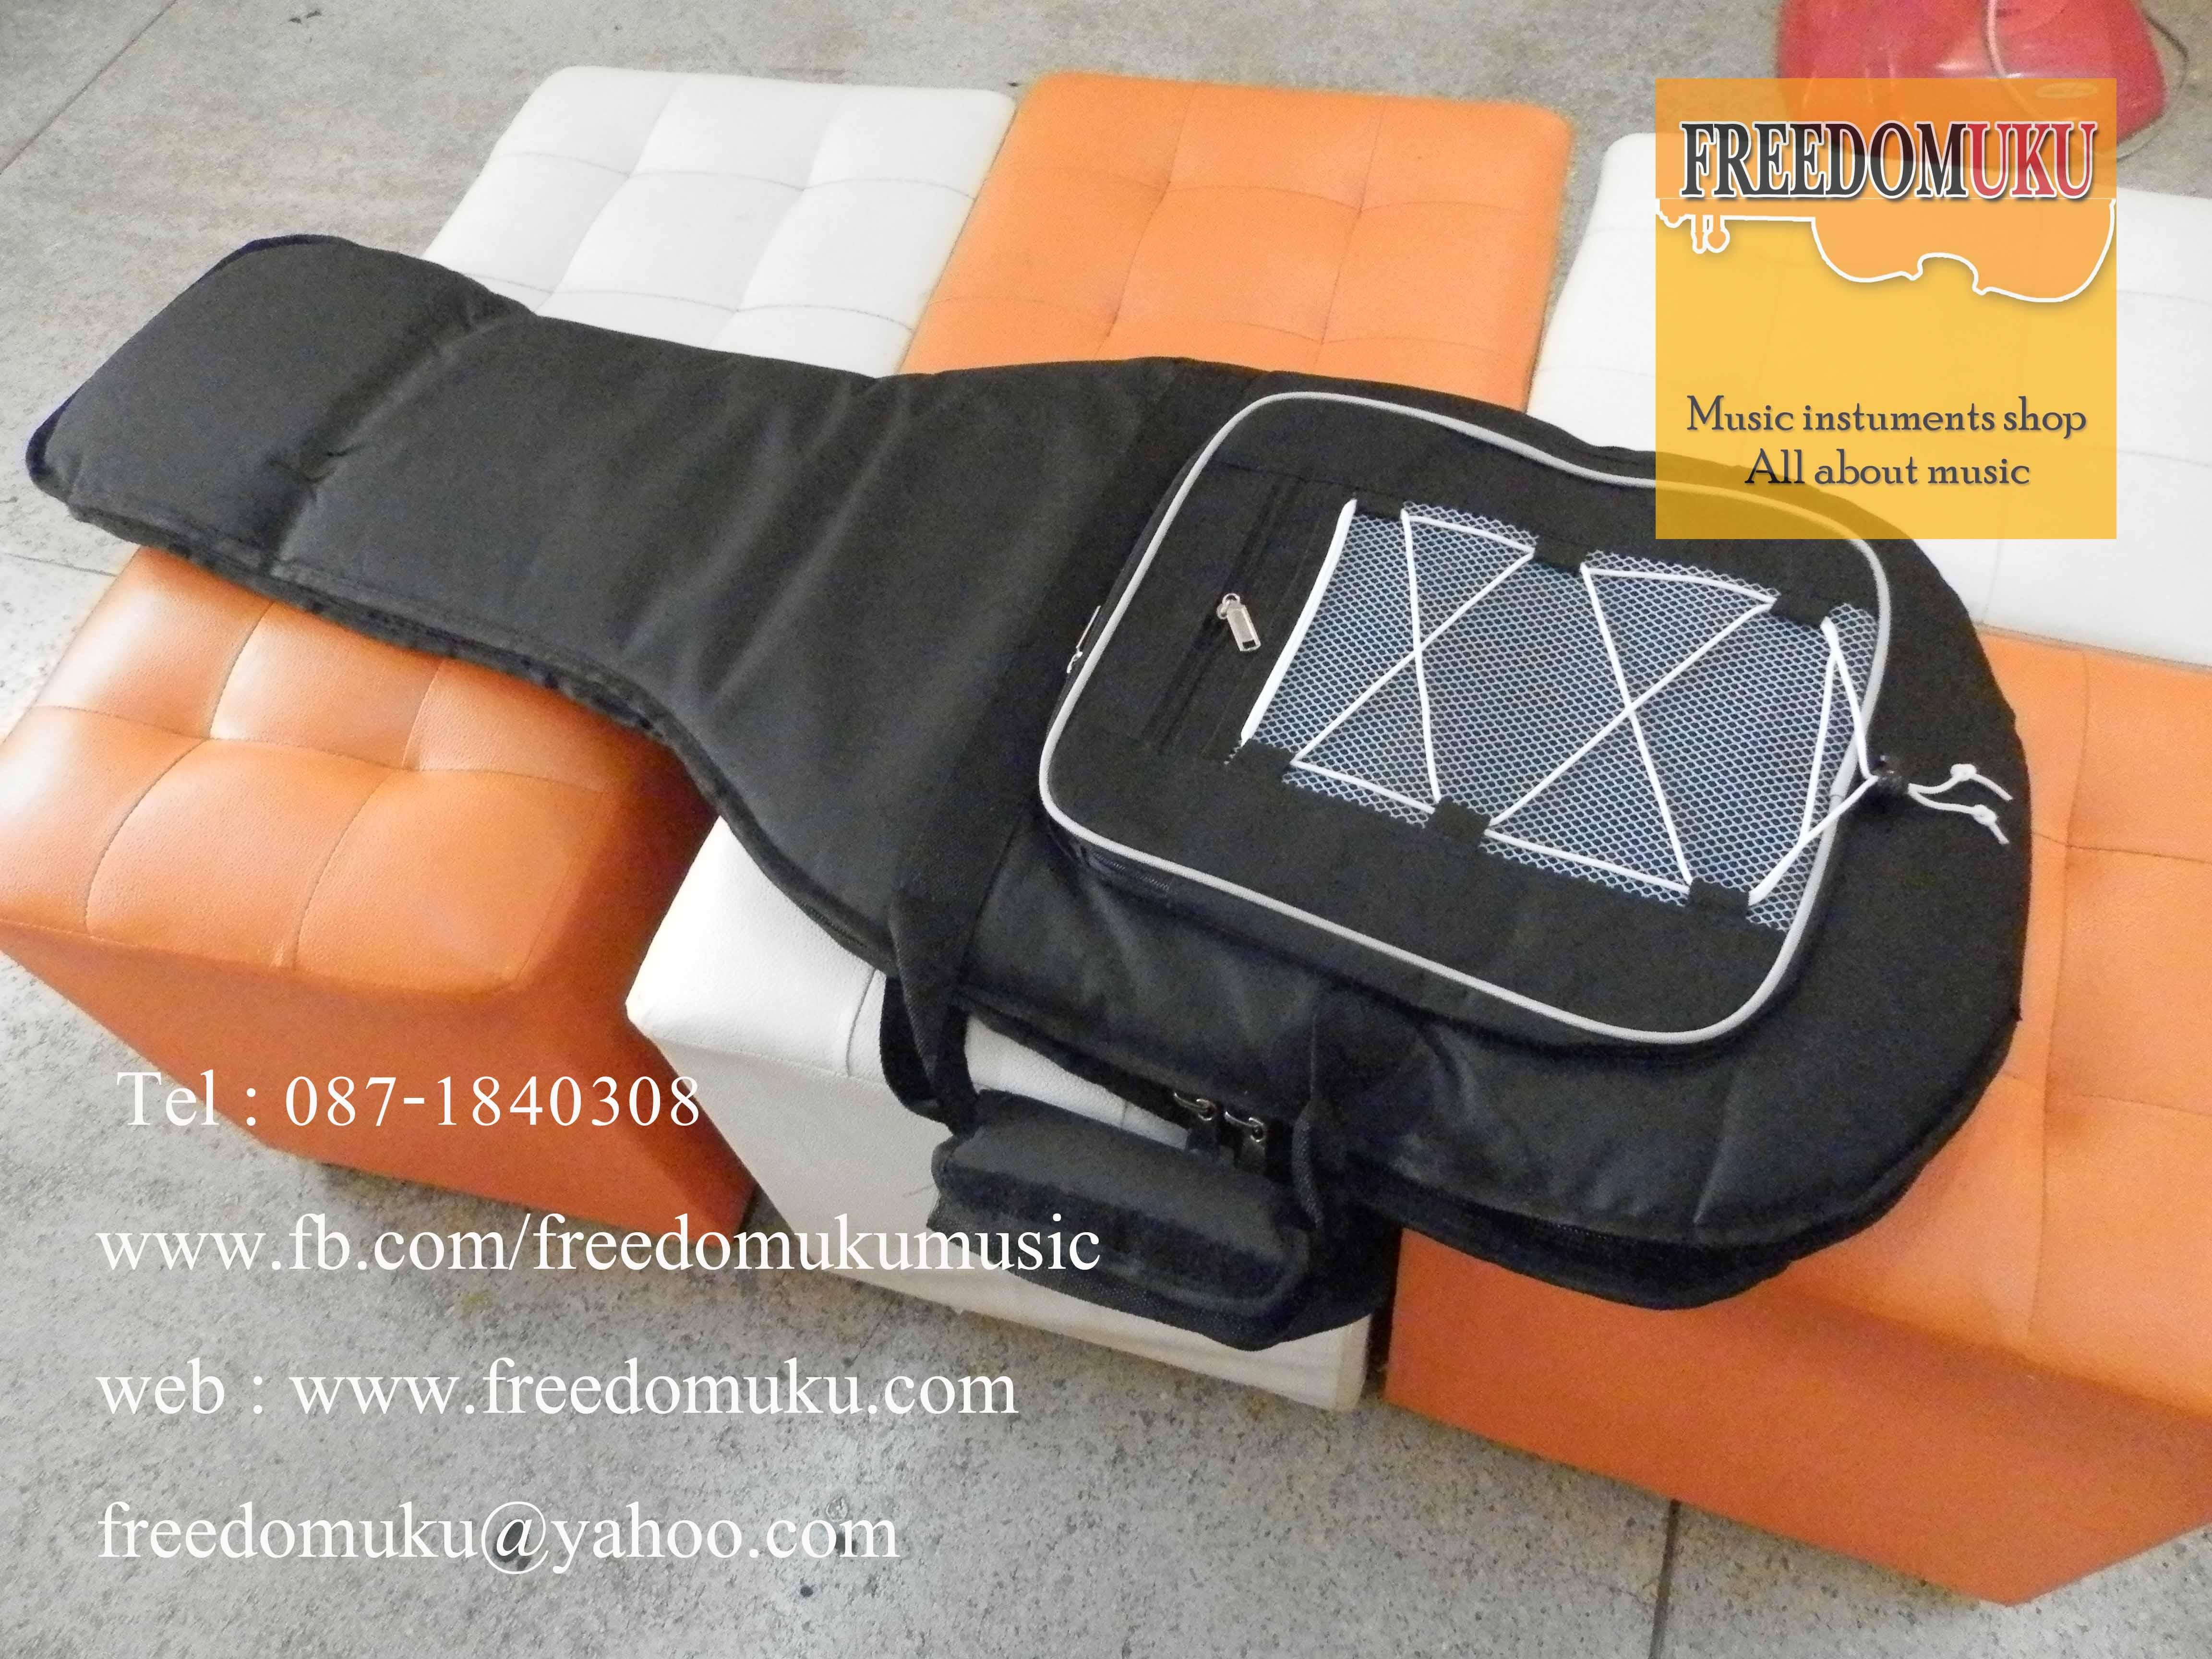 กระเป๋ากีตาร์ไฟฟ้า Soft Case ผ้าบุฟองน้ำหนา